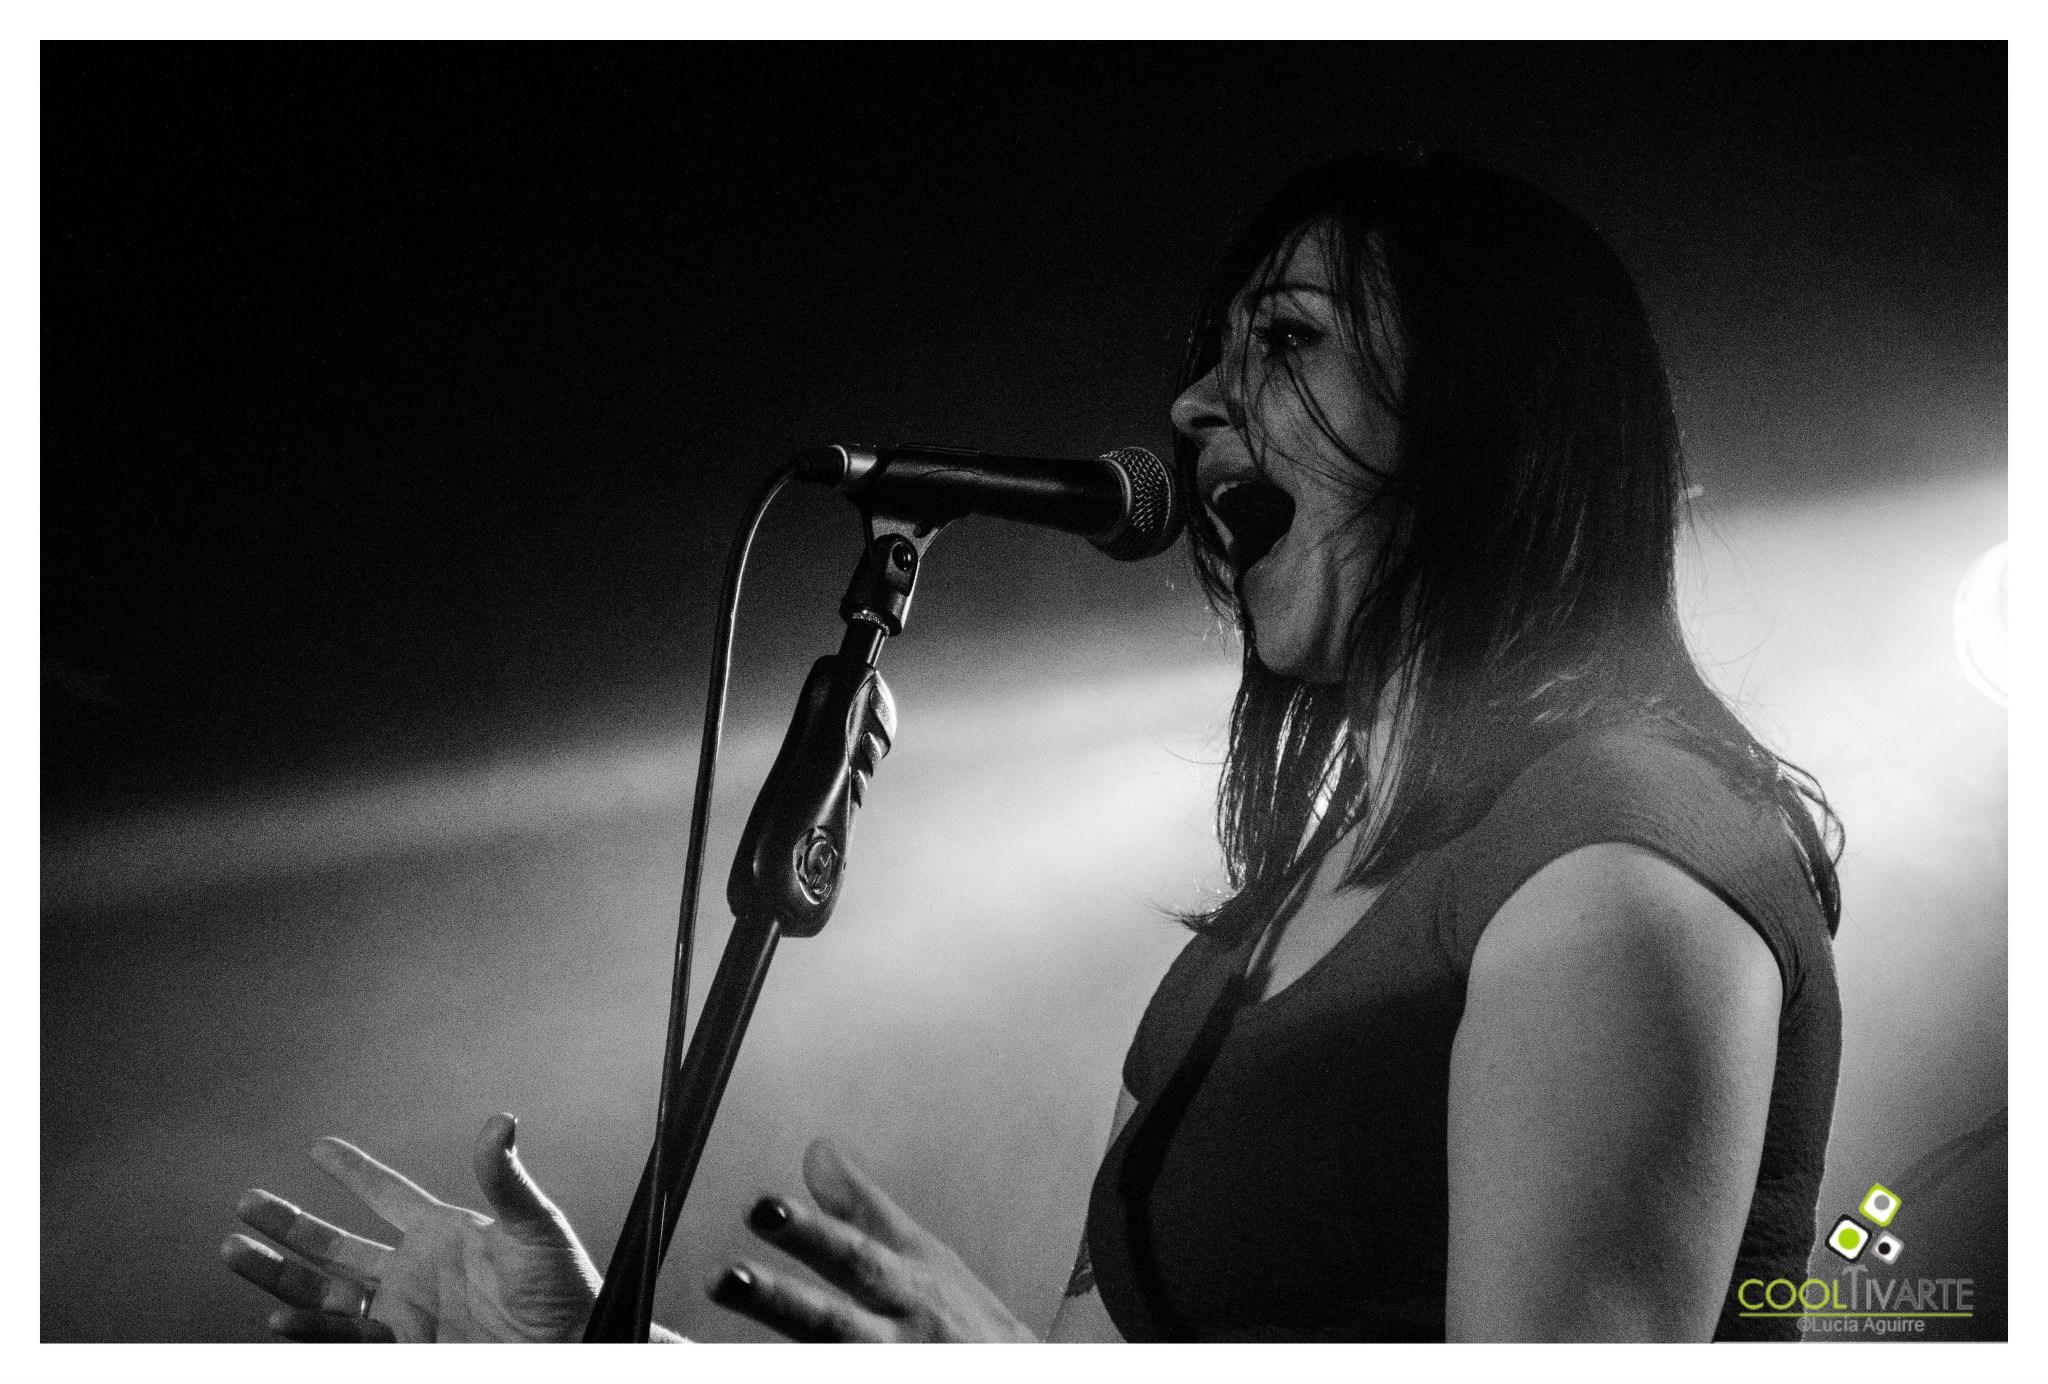 imagen - ELEFANTE en Bluzz Live / 17.JUL.2015 Fotografía: © Lucía Aguirre